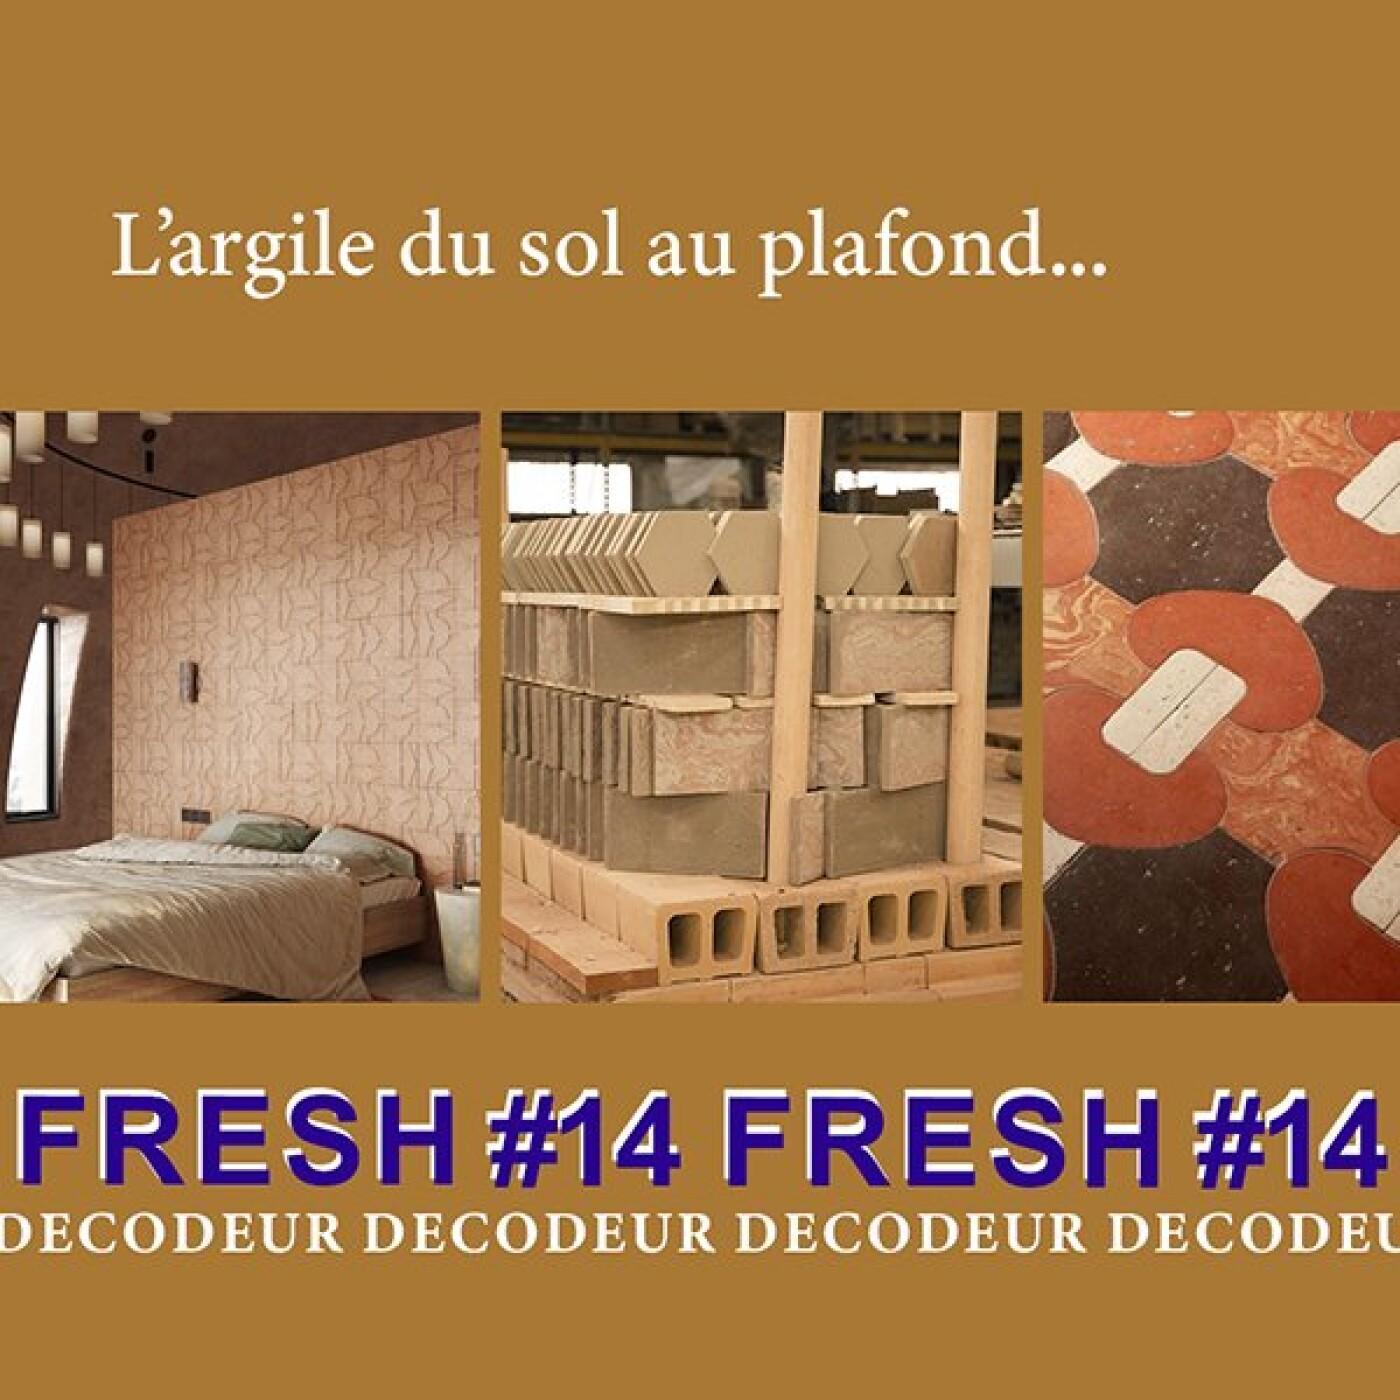 FRESH #14 la tendance déco du mois : l'argile du sol au plafond